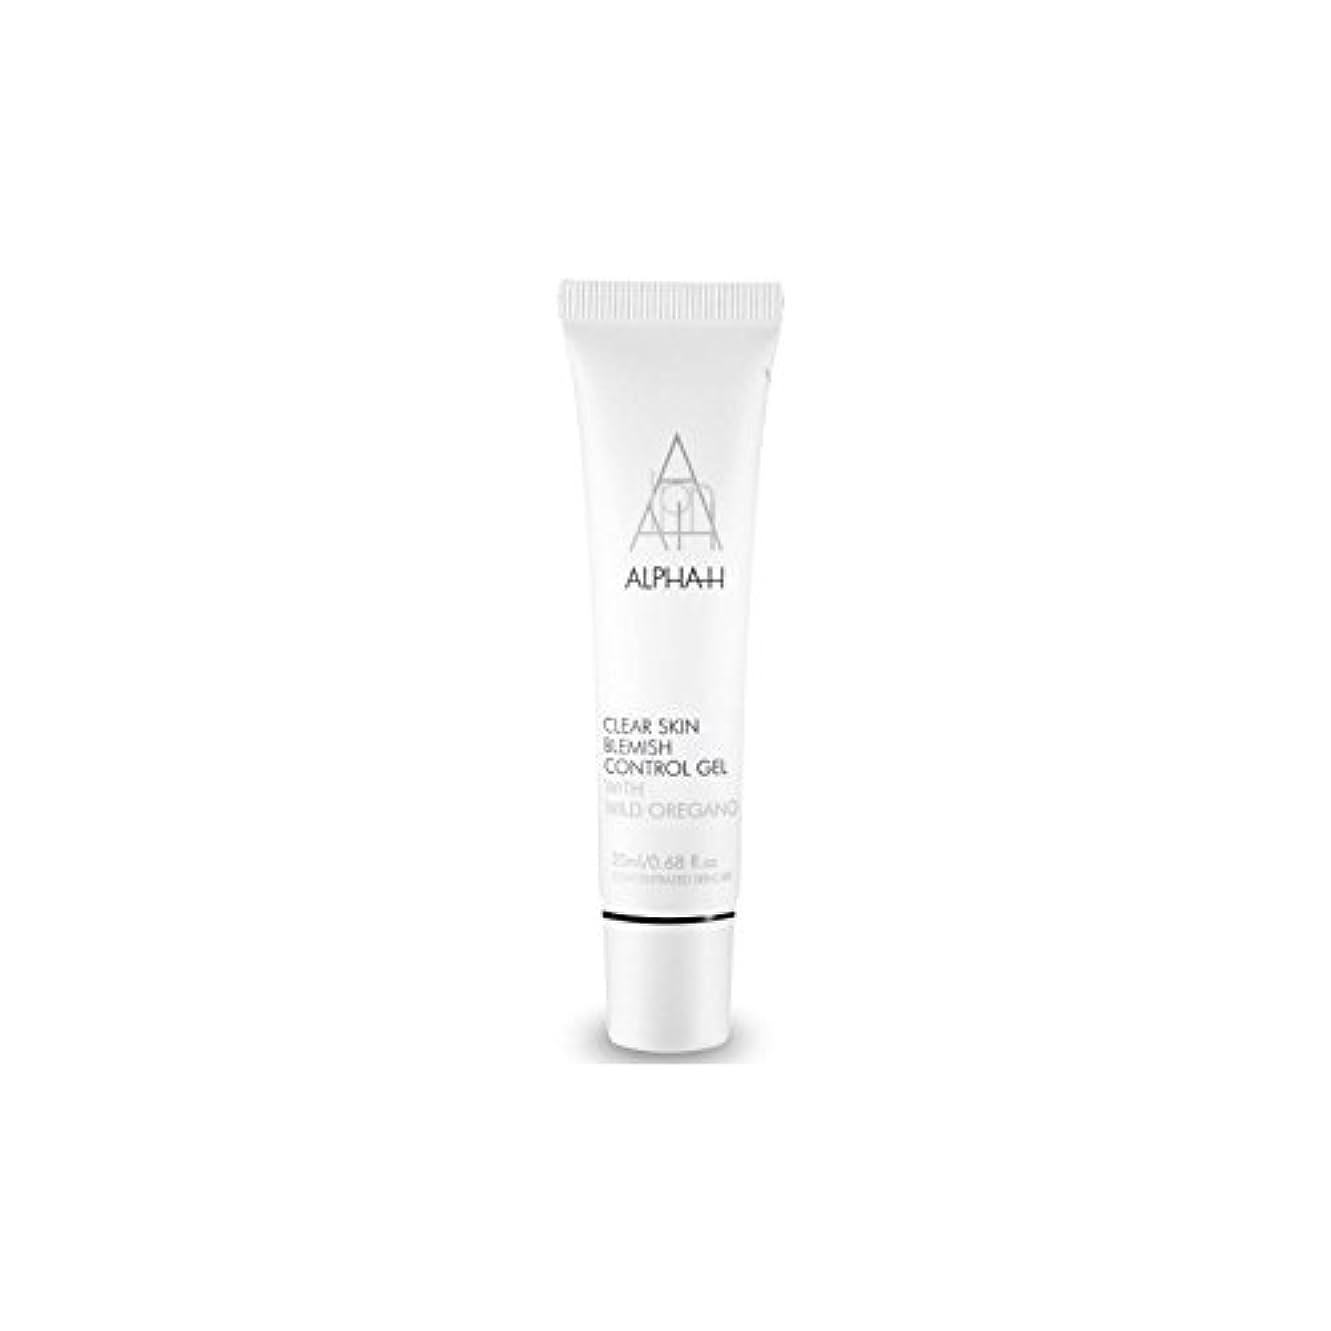 孤独なロッジ略すアルファクリア皮膚傷制御ゲル(20)中 x4 - Alpha-H Clear Skin Blemish Control Gel (20ml) (Pack of 4) [並行輸入品]